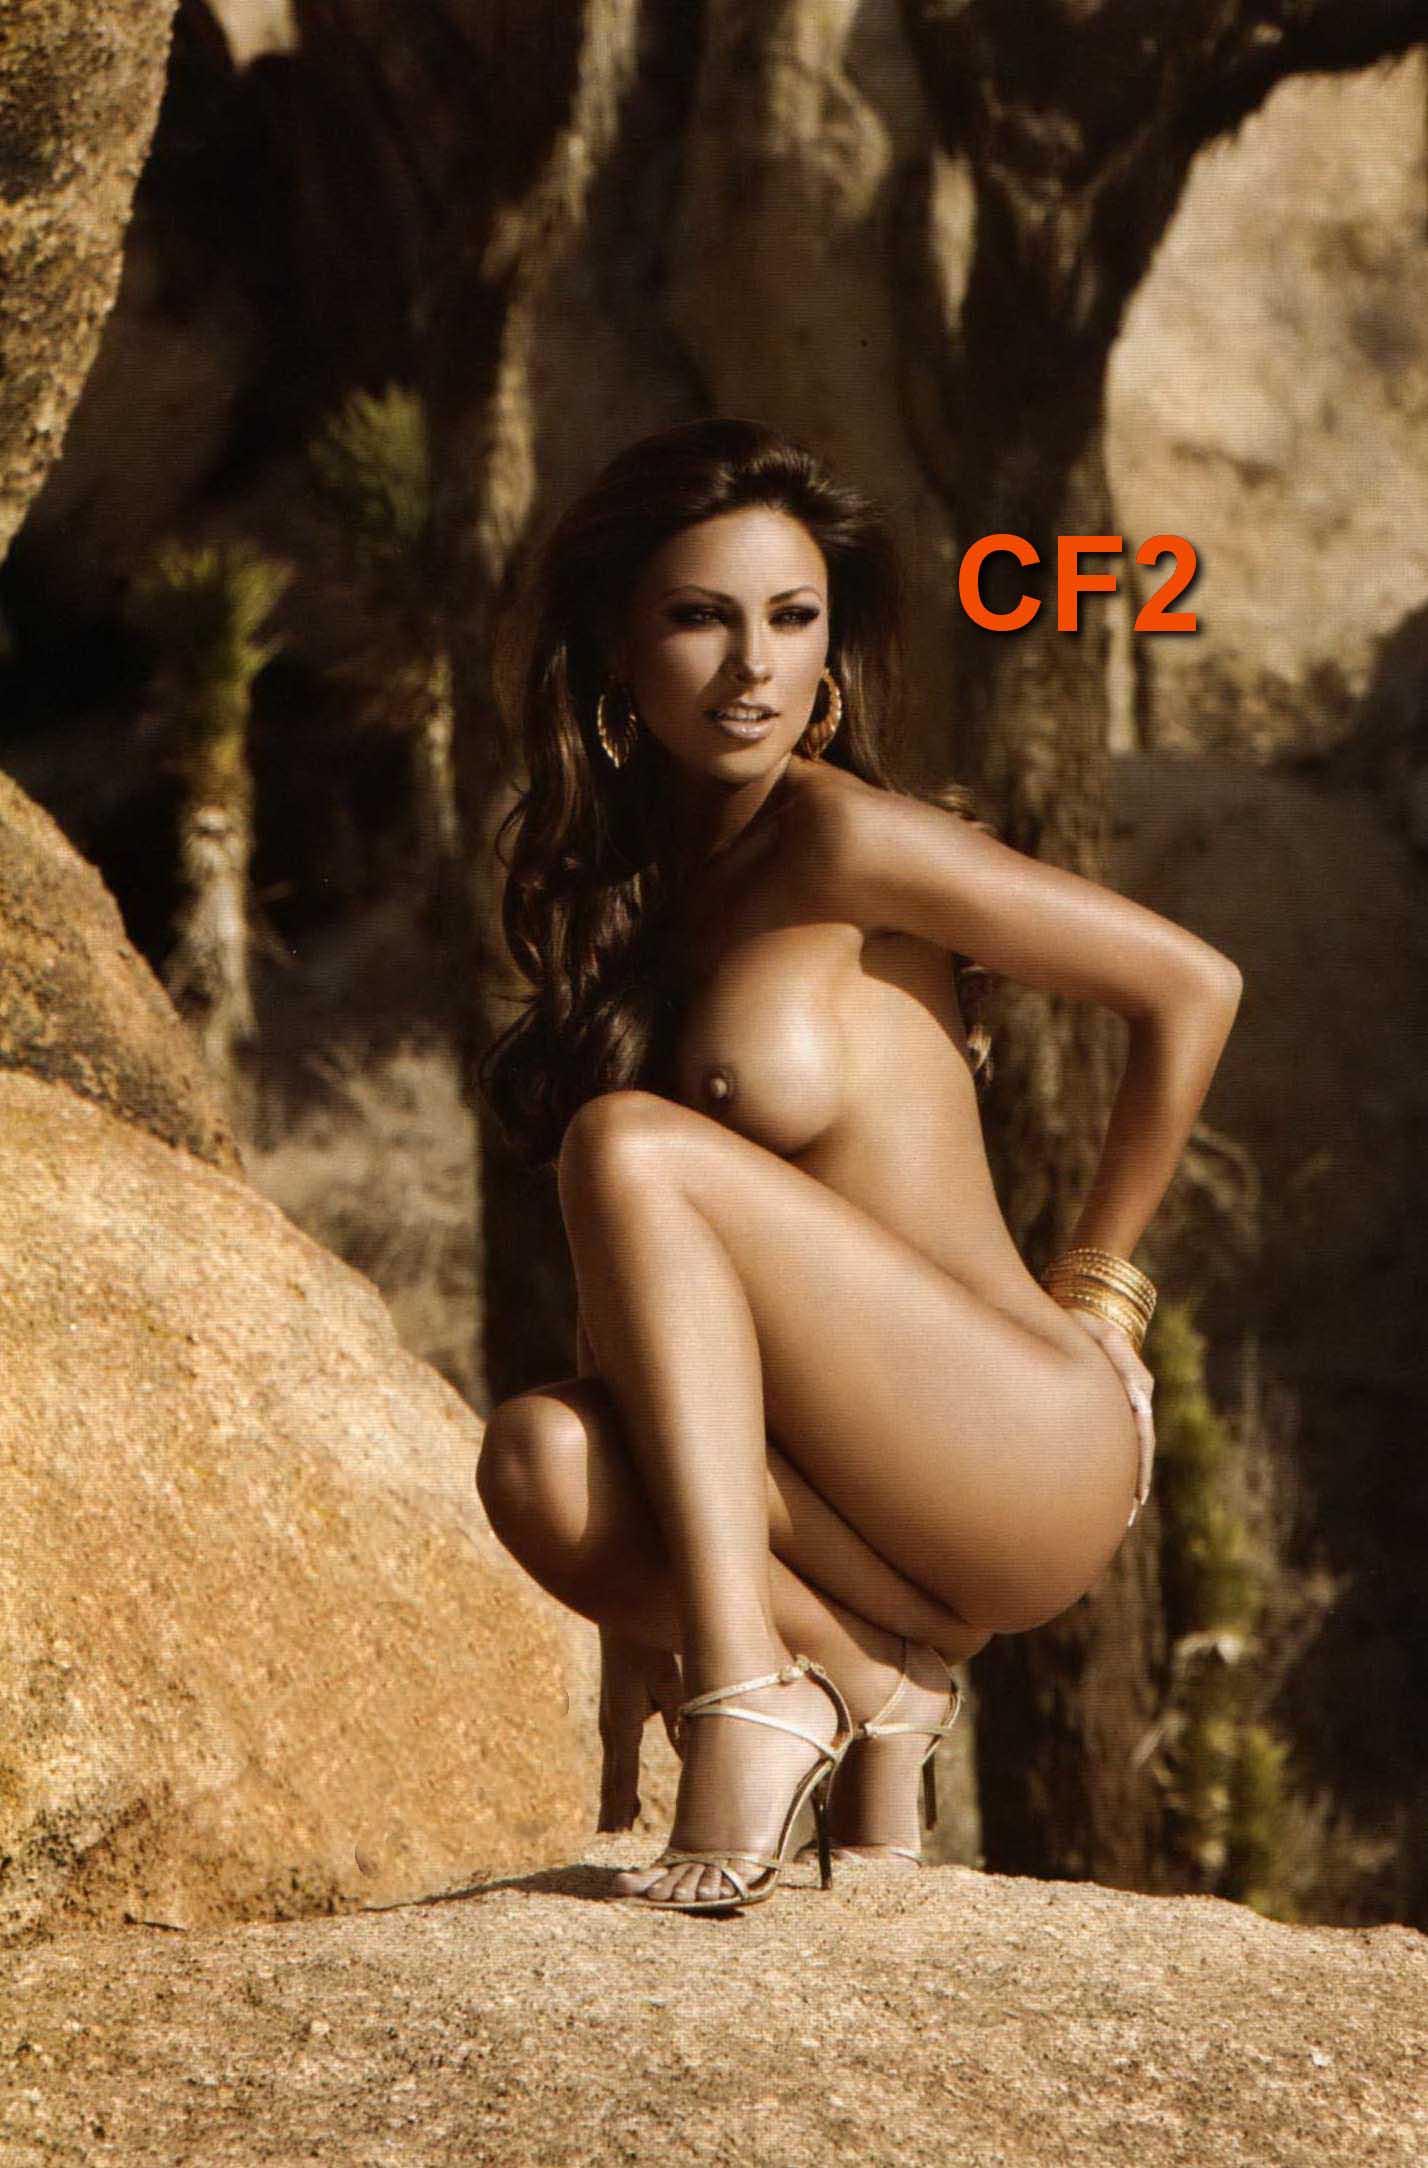 free nude women movie stars videos